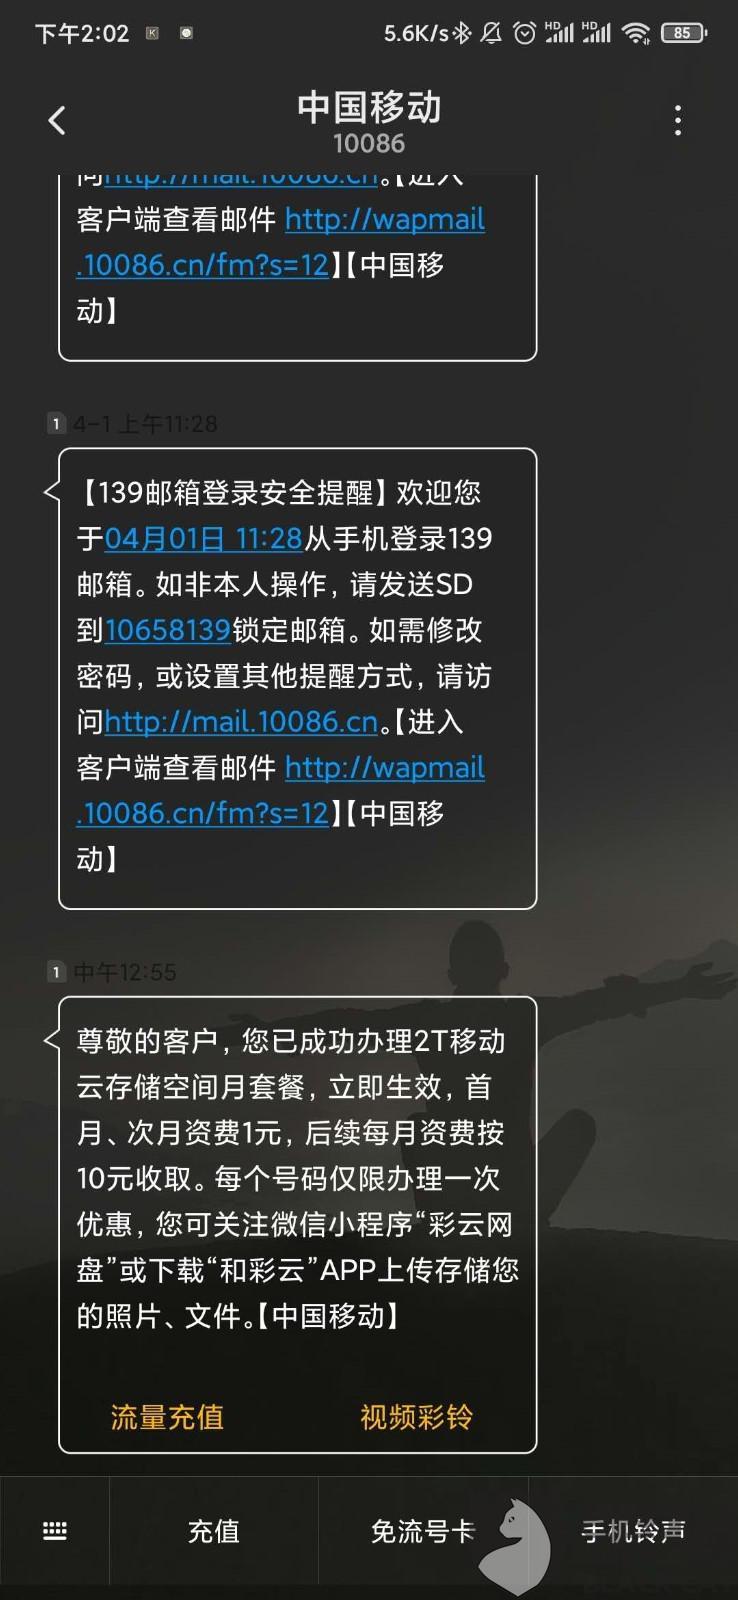 黑猫投诉:中国移动未经我允许私自开通2T移动云存储空间月套餐